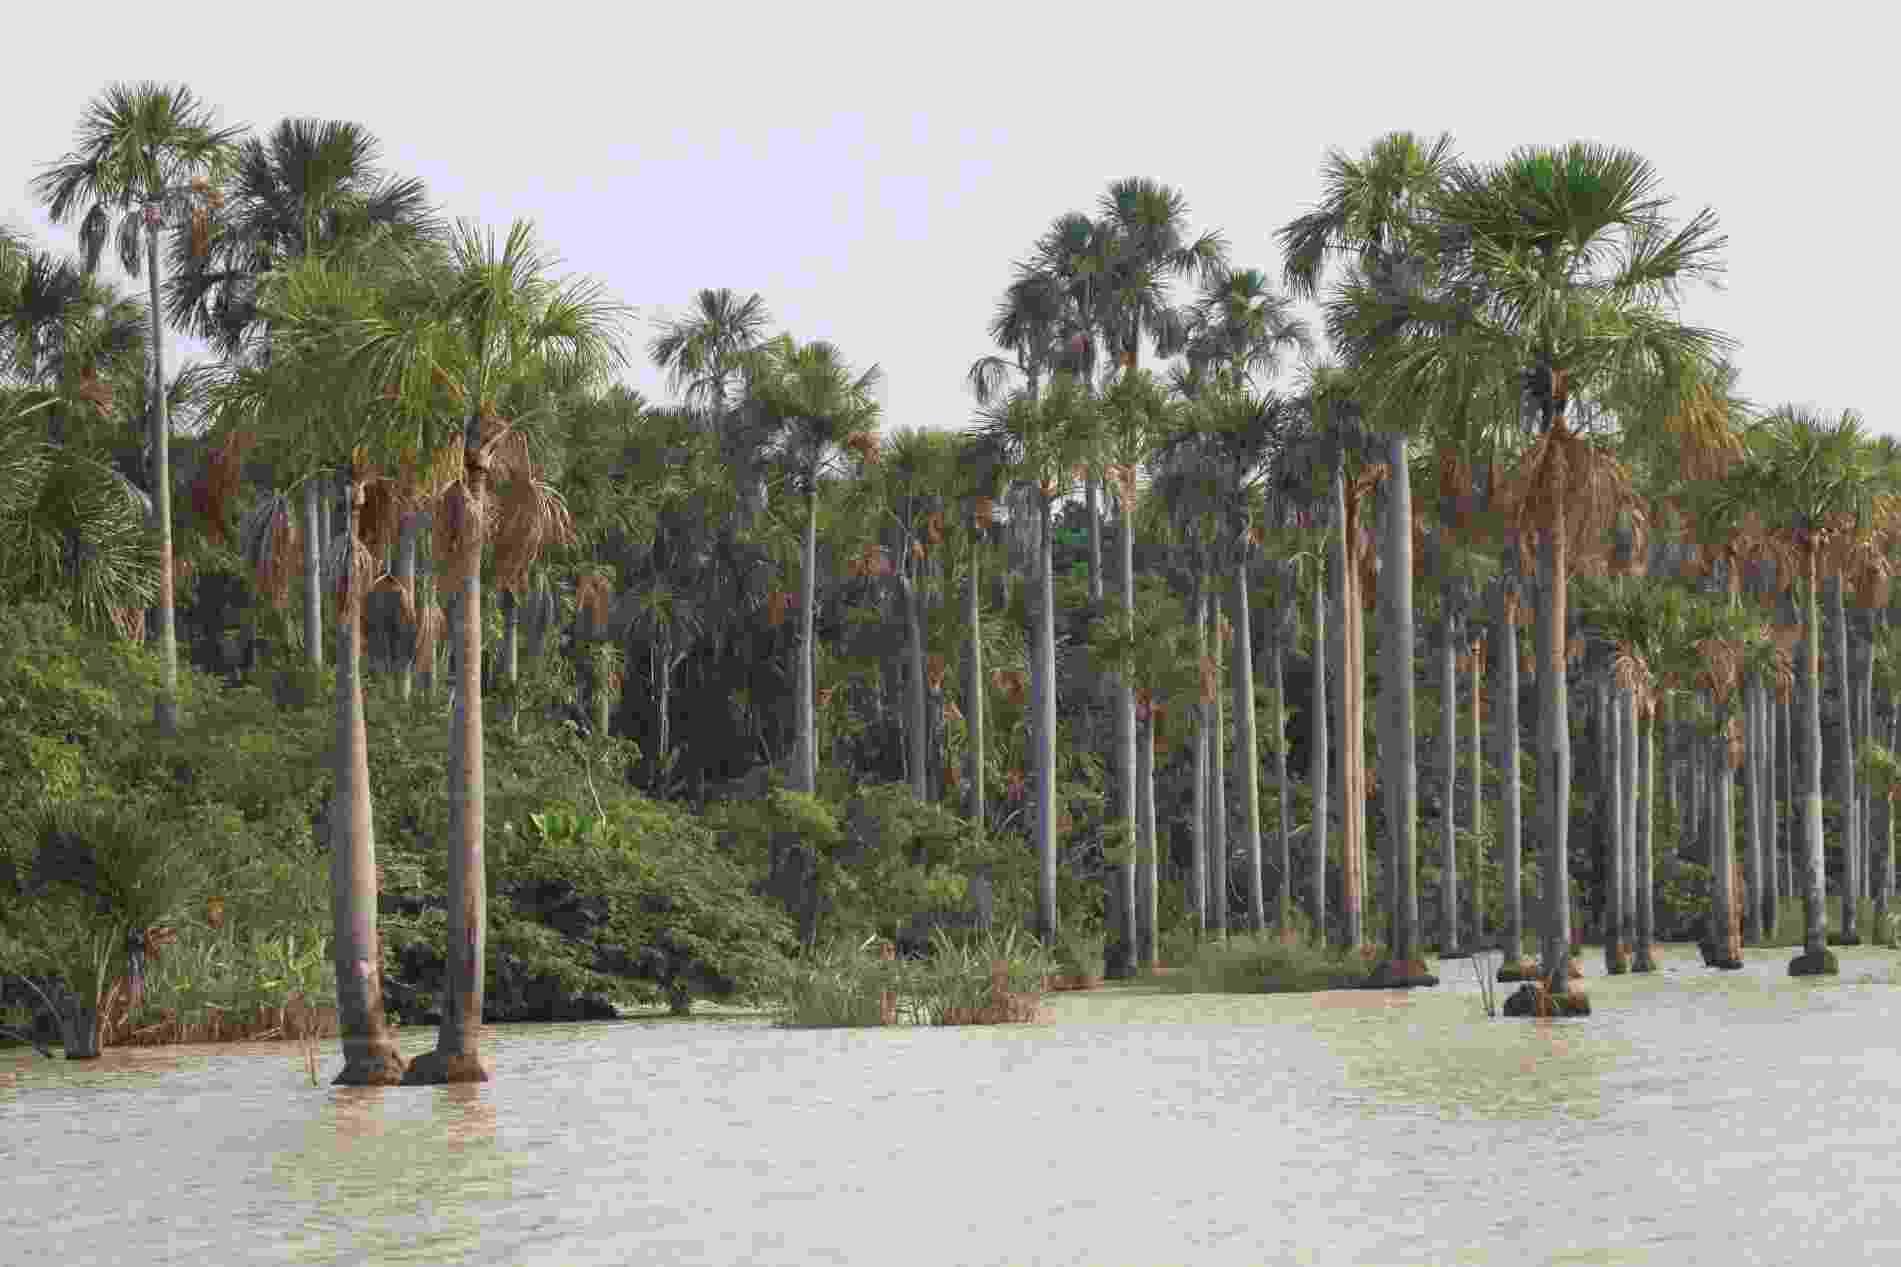 6.fev.2013 - Com mais de 6,9 milhões de hectares, Llanos de Moxos, na Amazônia boliviana, foi apontada a maior área úmida do mundo e incluída na lista de áreas prioritárias de conservação ambiental. Segundo a WWF, essas áreas úmidas são importantes por abrigar biodiversidade - foram catalogadas 131 espécies de mamíferos, 568 de aves, 102 de répteis, 62 de anfíbios, 625 de peixes e mil espécies de plantas - evitar inundações, manter vazões mínimas nos rios durante a seca e regular o ciclo hidrológico da região - Divulgação/WWF